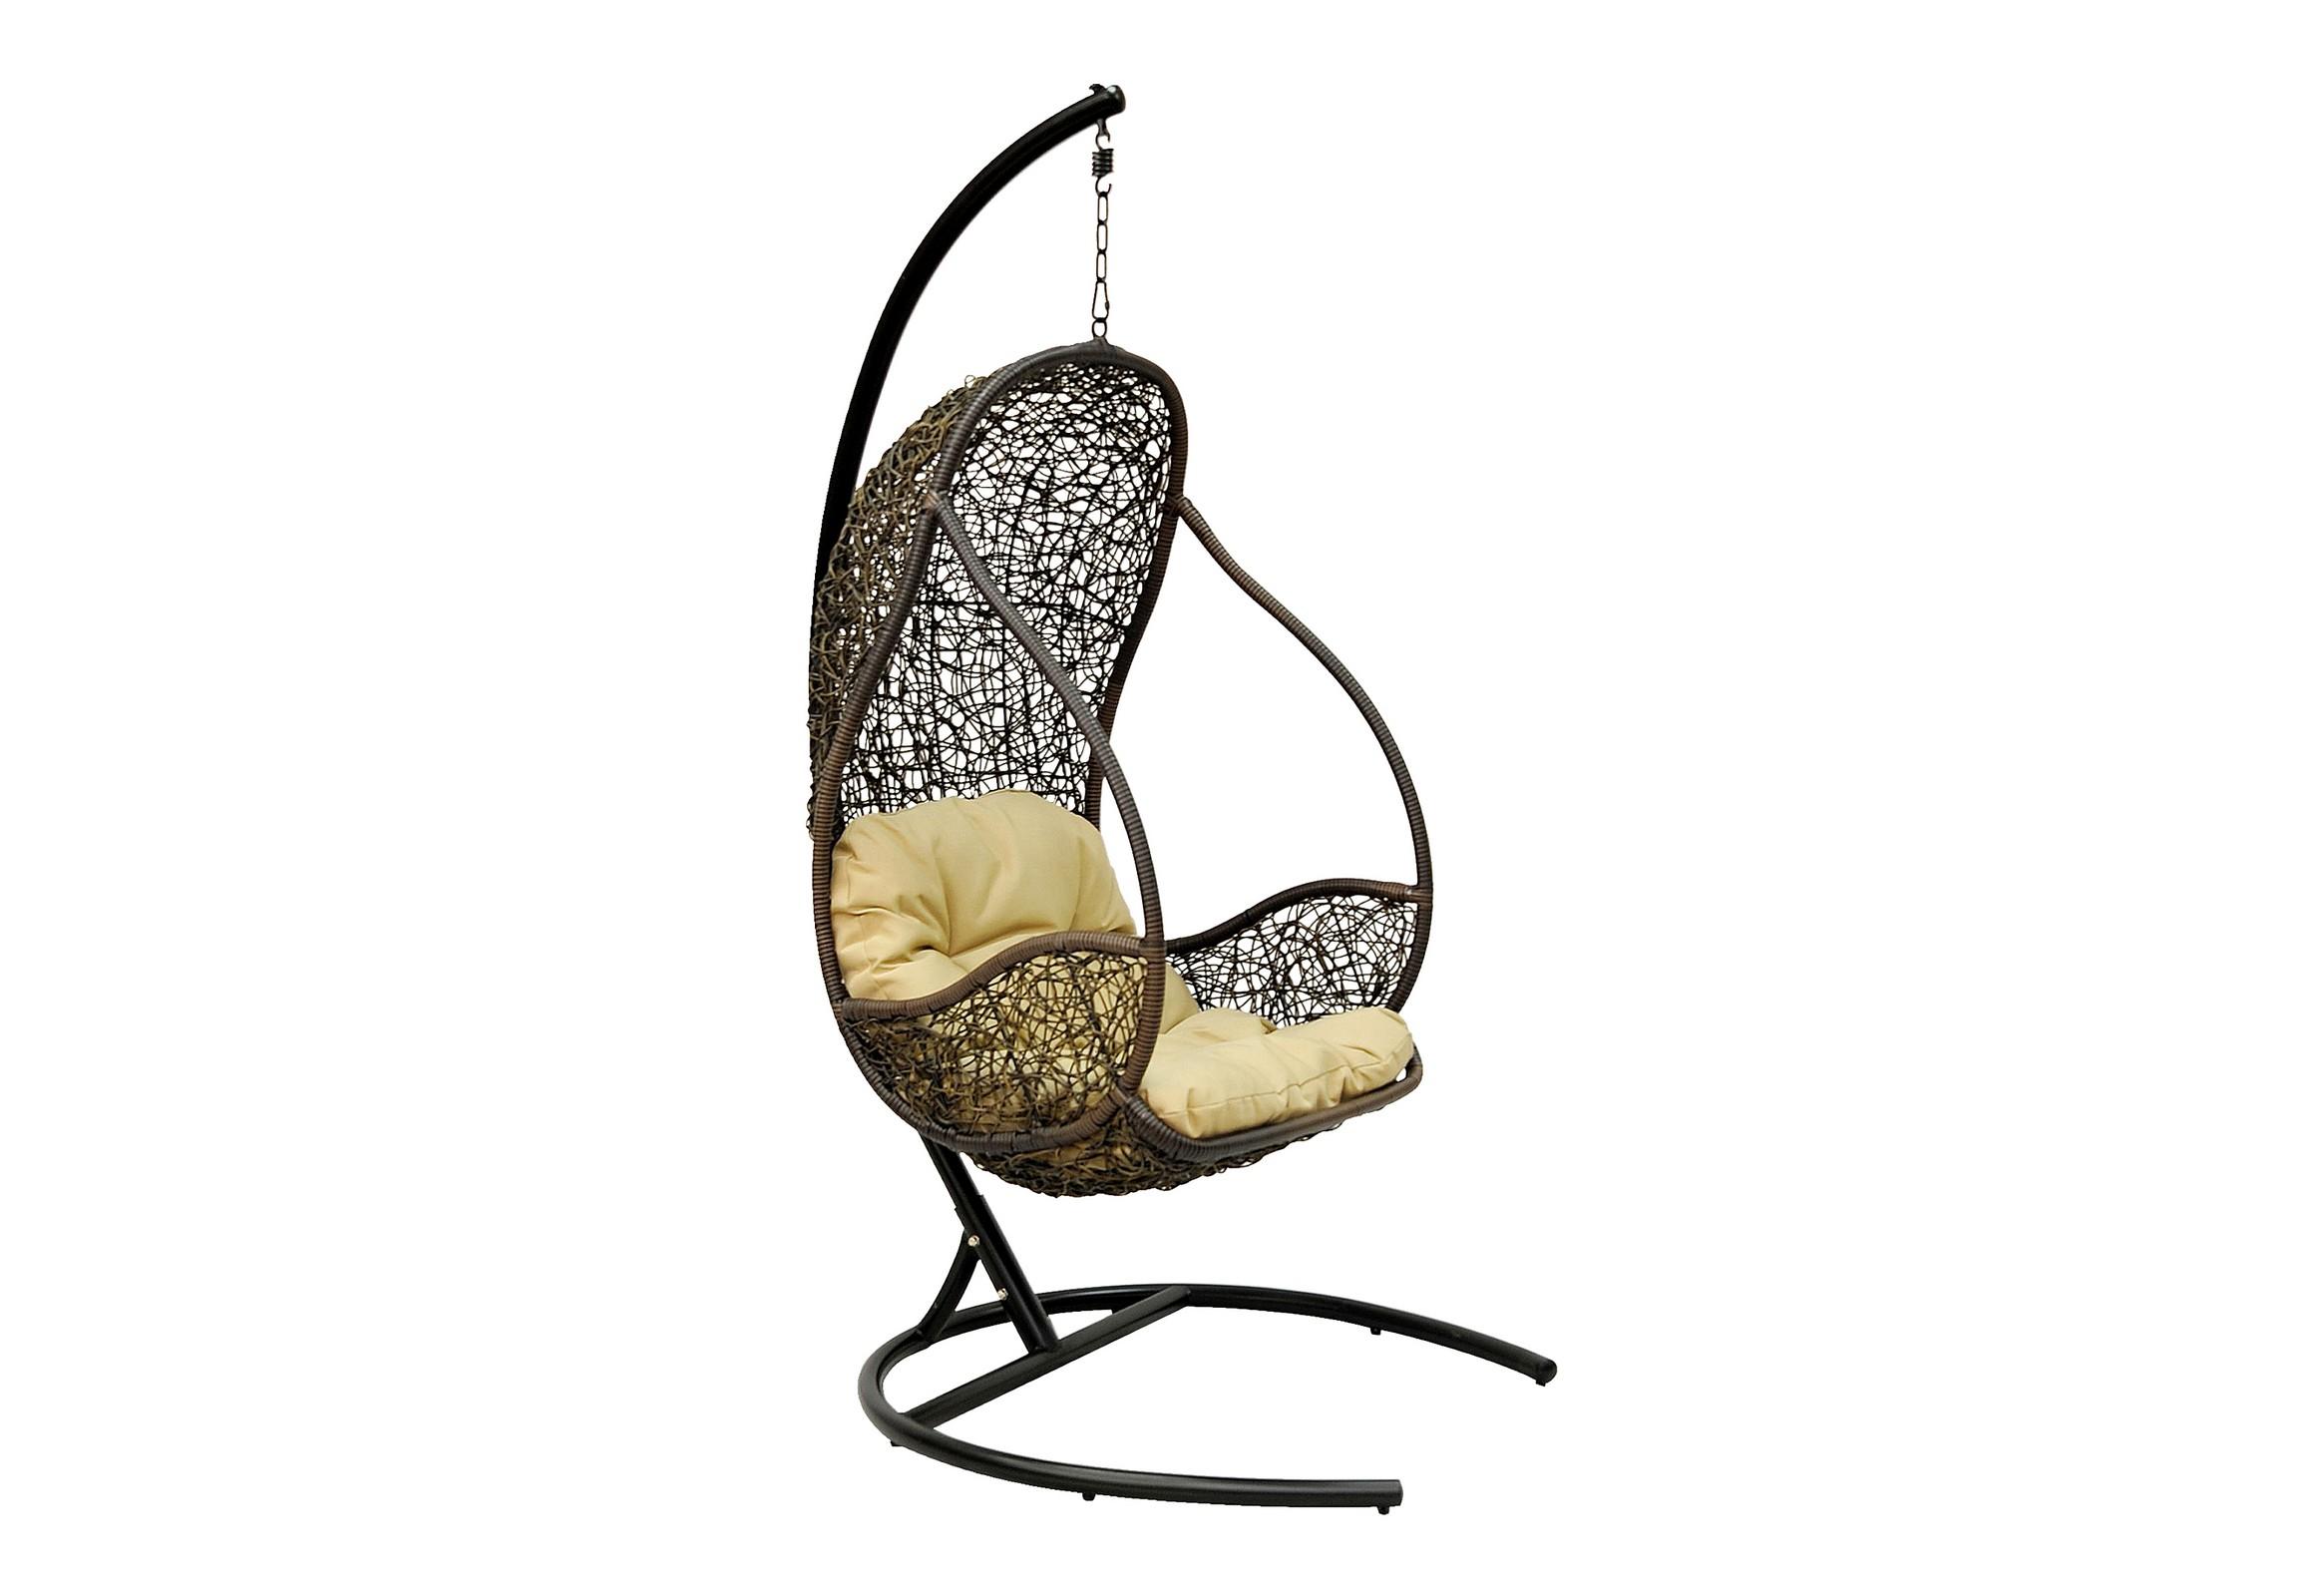 Кресло подвесное FlyhangПодвесные кресла<br>Эта модель - классическое подвесное кресло.&amp;amp;nbsp;Оно станет настоящим украшением и изюминкой вашего дома или сада.&amp;lt;div&amp;gt;&amp;lt;br&amp;gt;&amp;lt;/div&amp;gt;&amp;lt;div&amp;gt;Материал каркаса: сталь&amp;amp;nbsp;&amp;lt;/div&amp;gt;&amp;lt;div&amp;gt;Материал плетения: PE-ротанг (искусственный ротанг) высокого качества (круглый)&amp;amp;nbsp;&amp;lt;/div&amp;gt;&amp;lt;div&amp;gt;Размер чаши: 76,5х&amp;lt;span style=&amp;quot;line-height: 1.78571;&amp;quot;&amp;gt;70,5х124 см&amp;amp;nbsp;&amp;lt;/span&amp;gt;&amp;lt;/div&amp;gt;&amp;lt;div&amp;gt;&amp;lt;span style=&amp;quot;line-height: 1.78571;&amp;quot;&amp;gt;Размер основания: 100х100х195 см&amp;amp;nbsp;&amp;lt;/span&amp;gt;&amp;lt;/div&amp;gt;&amp;lt;div&amp;gt;&amp;lt;span style=&amp;quot;line-height: 1.78571;&amp;quot;&amp;gt;&amp;amp;nbsp;Выдерживаемая нагрузка: 120 кг&amp;lt;/span&amp;gt;&amp;lt;/div&amp;gt;&amp;lt;div&amp;gt;&amp;lt;span style=&amp;quot;line-height: 1.78571;&amp;quot;&amp;gt;Конструкция кресла: сборно-разборное&amp;lt;/span&amp;gt;&amp;lt;/div&amp;gt;&amp;lt;div&amp;gt;&amp;lt;span style=&amp;quot;line-height: 1.78571;&amp;quot;&amp;gt;Кресло состоит из трех частей: основание, опора и чаша. Сборка не требует специальных навыков.&amp;amp;nbsp;&amp;lt;/span&amp;gt;&amp;lt;/div&amp;gt;<br><br>Material: Искусственный ротанг<br>Ширина см: 76<br>Высота см: 124<br>Глубина см: 70